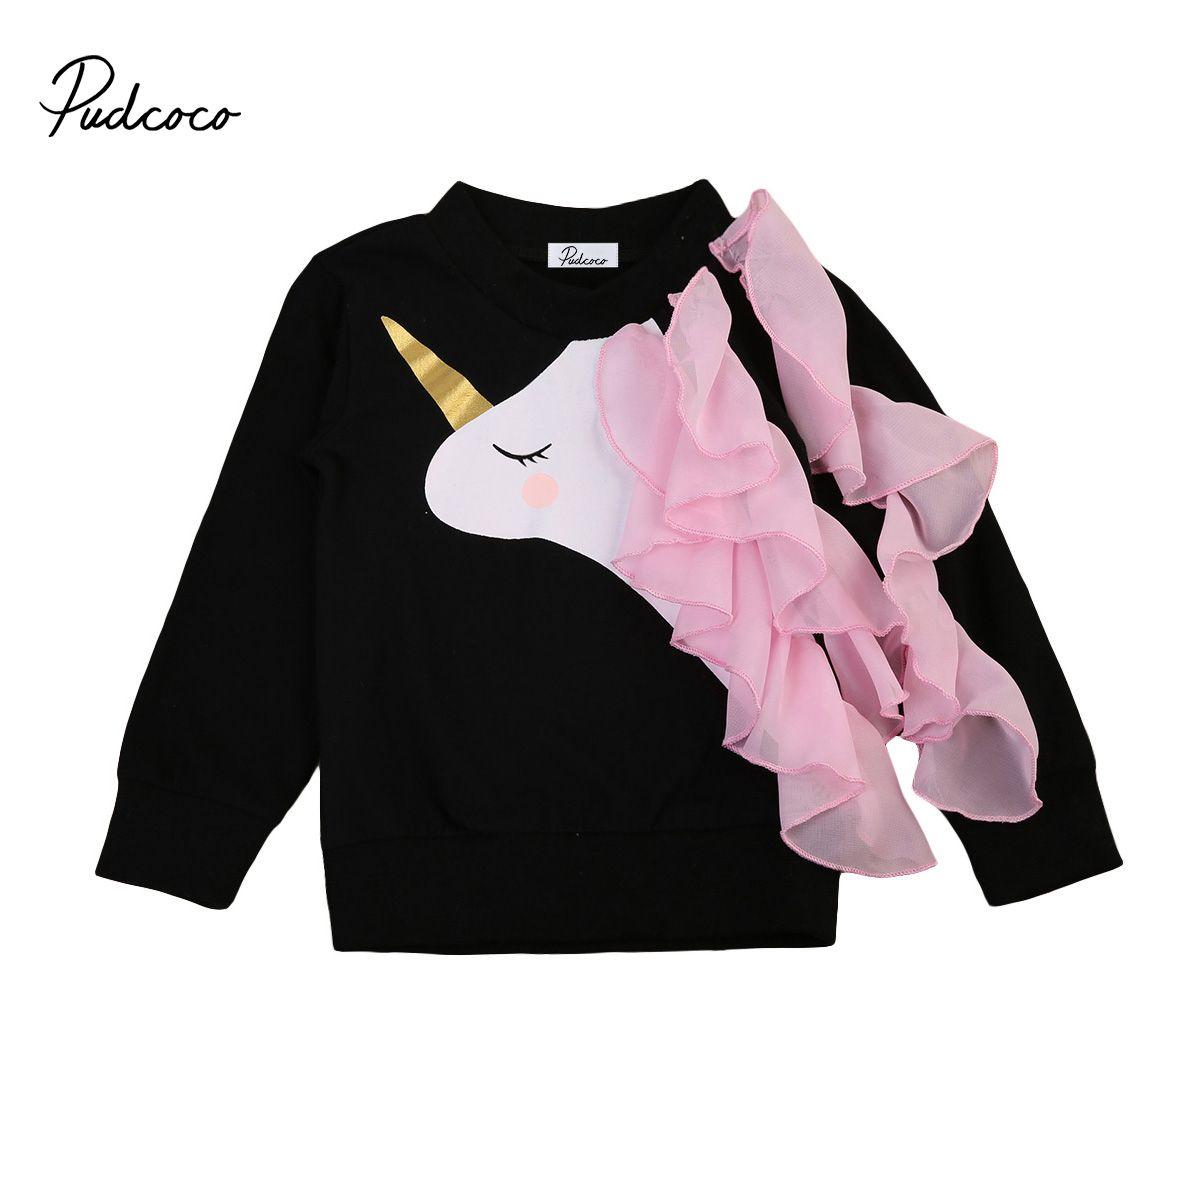 AuroraBaby Big Girls Sweatshirts Adorable Owl Fleece Sweater for Girls 13-14